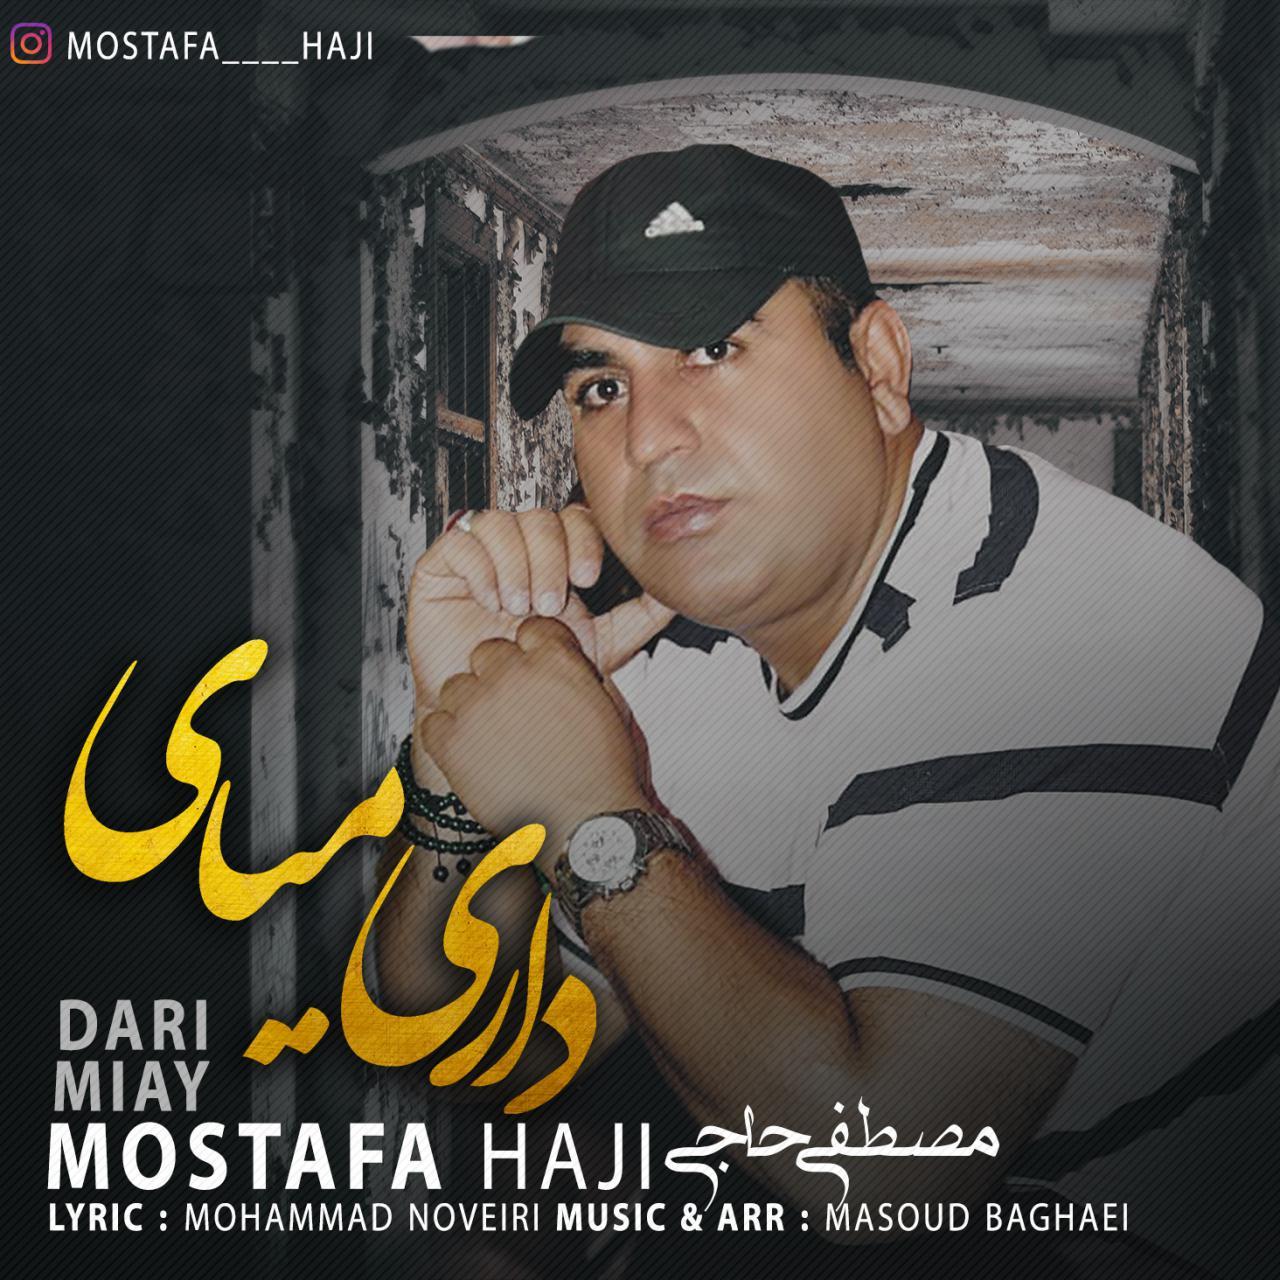 Mostafa Haji – Dari Miay